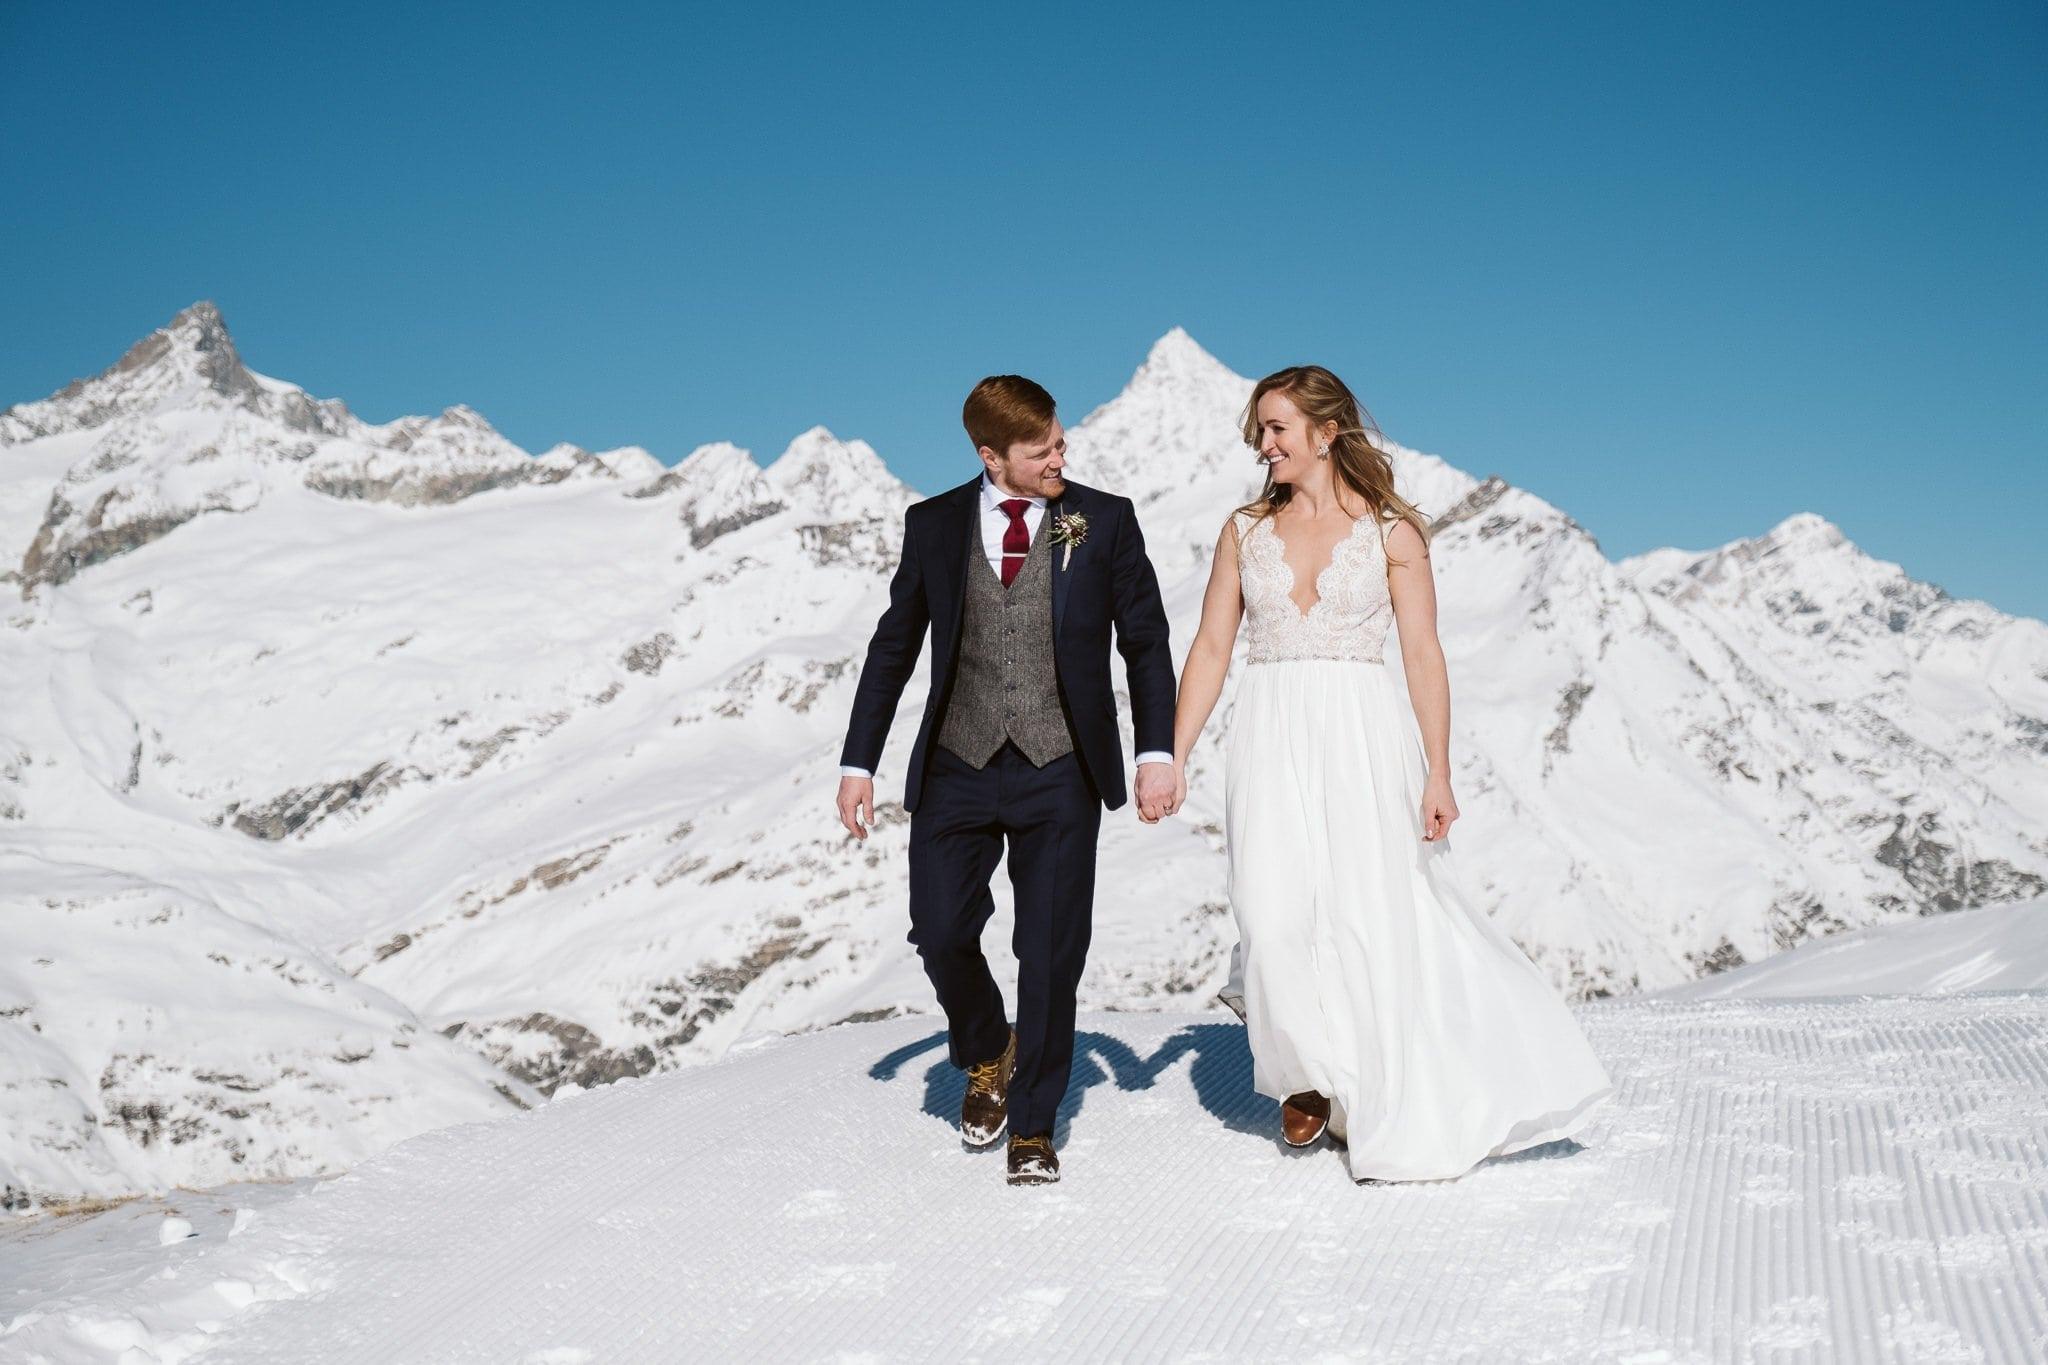 Destination elopement in Zermatt, Switzerland